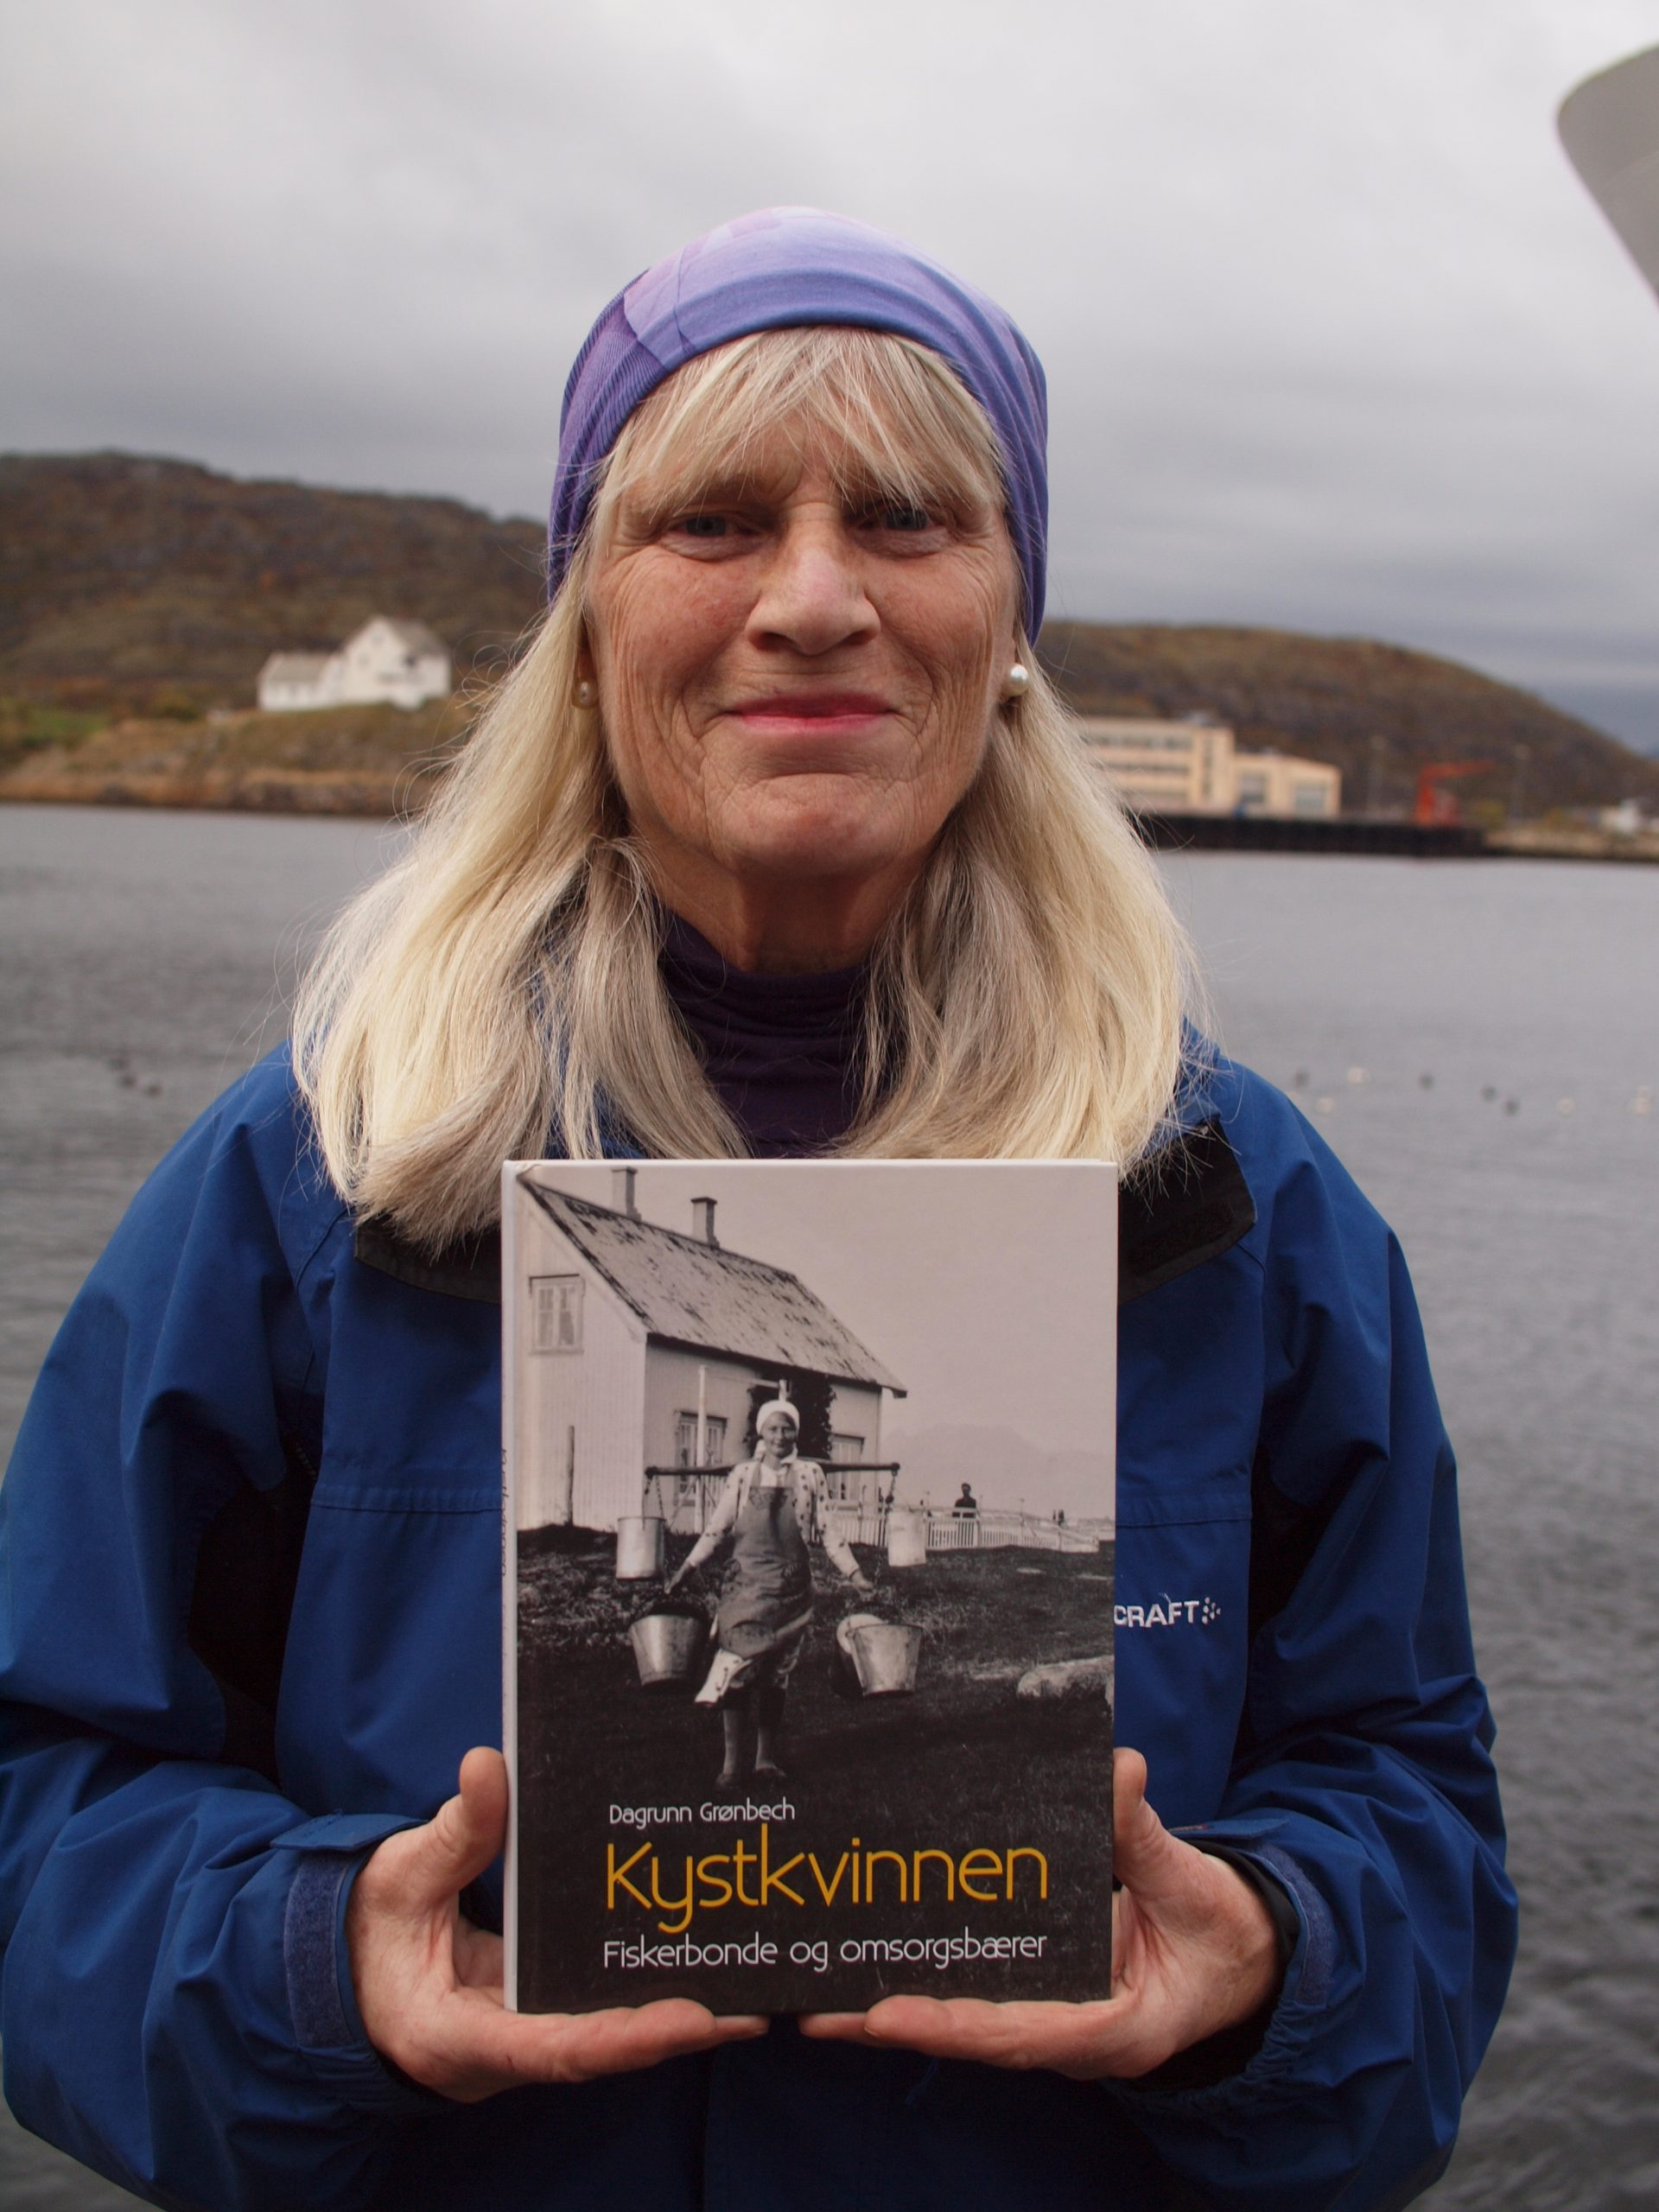 """Dagrunn Grønbech med sin bok """"Kystkvinnen"""""""